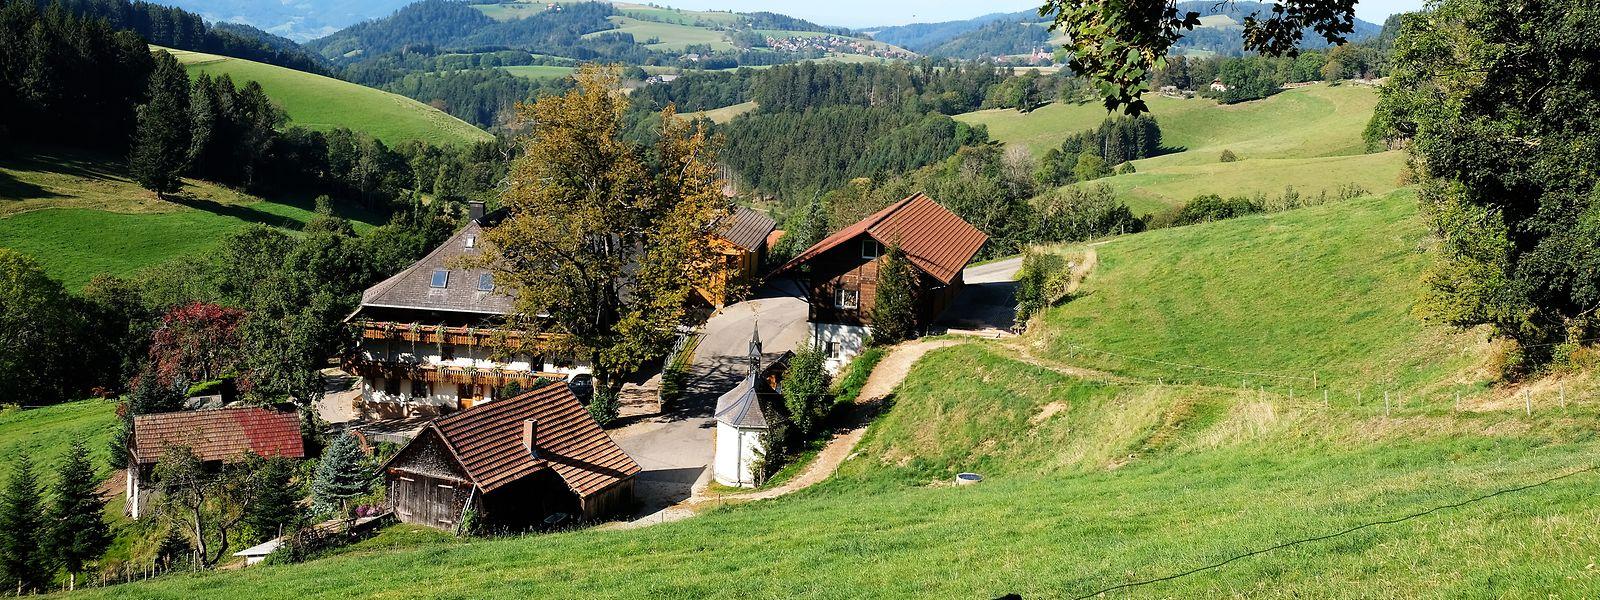 Der Hochschwarzwald bei St. Märgen: Die Region punktet mit ihrer Landschaft und ihrer Natur.